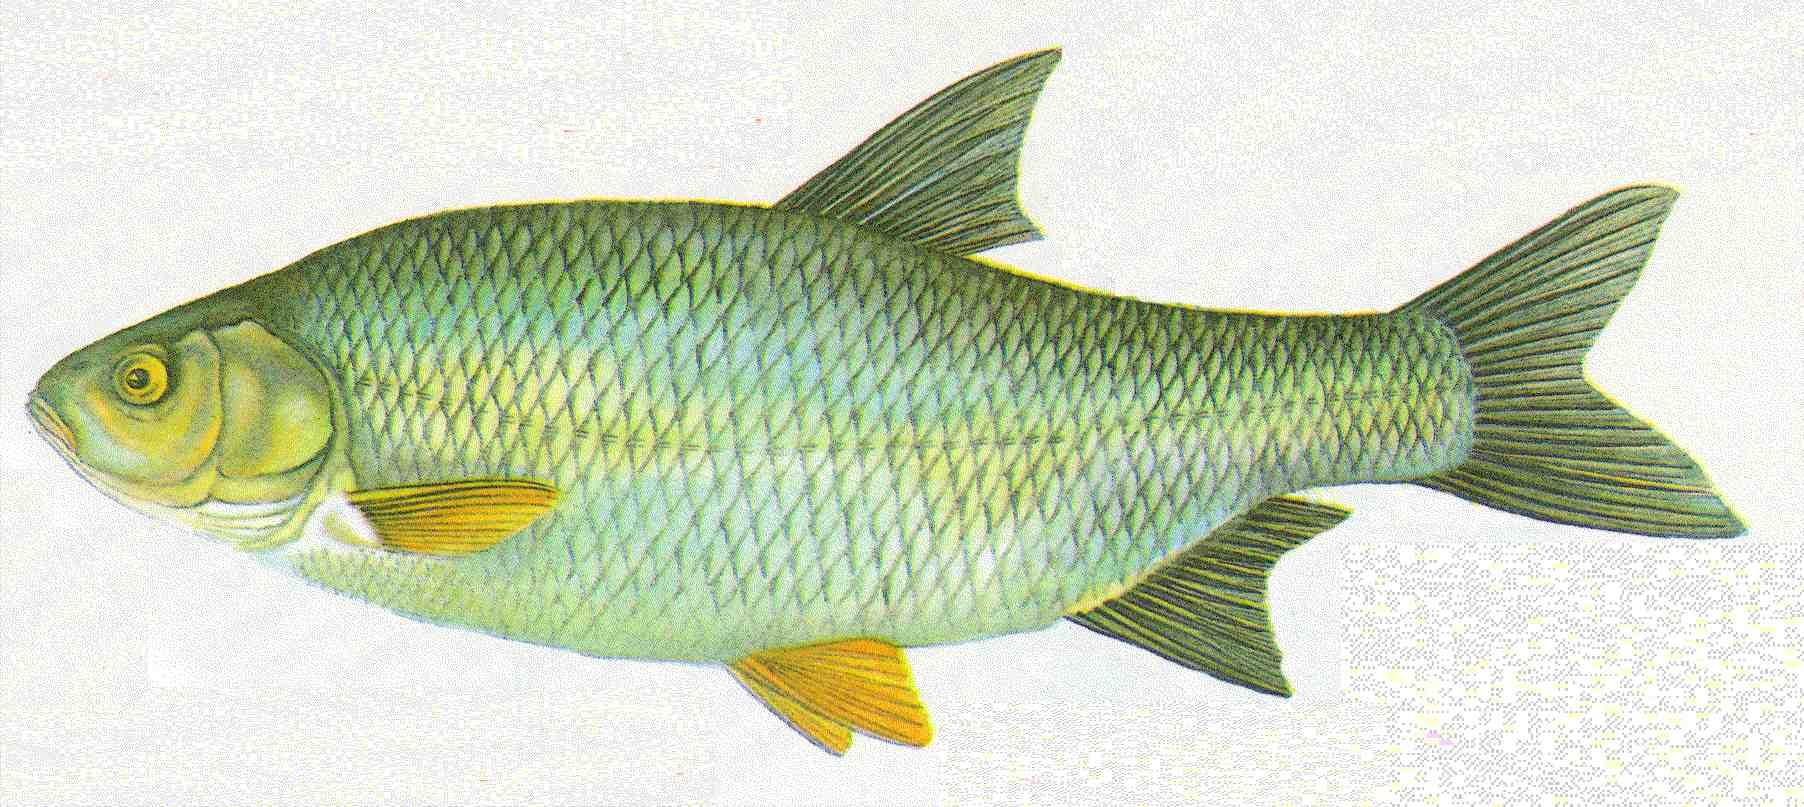 Bernhardsthal teich nerfling aland for Fische kleiner teich